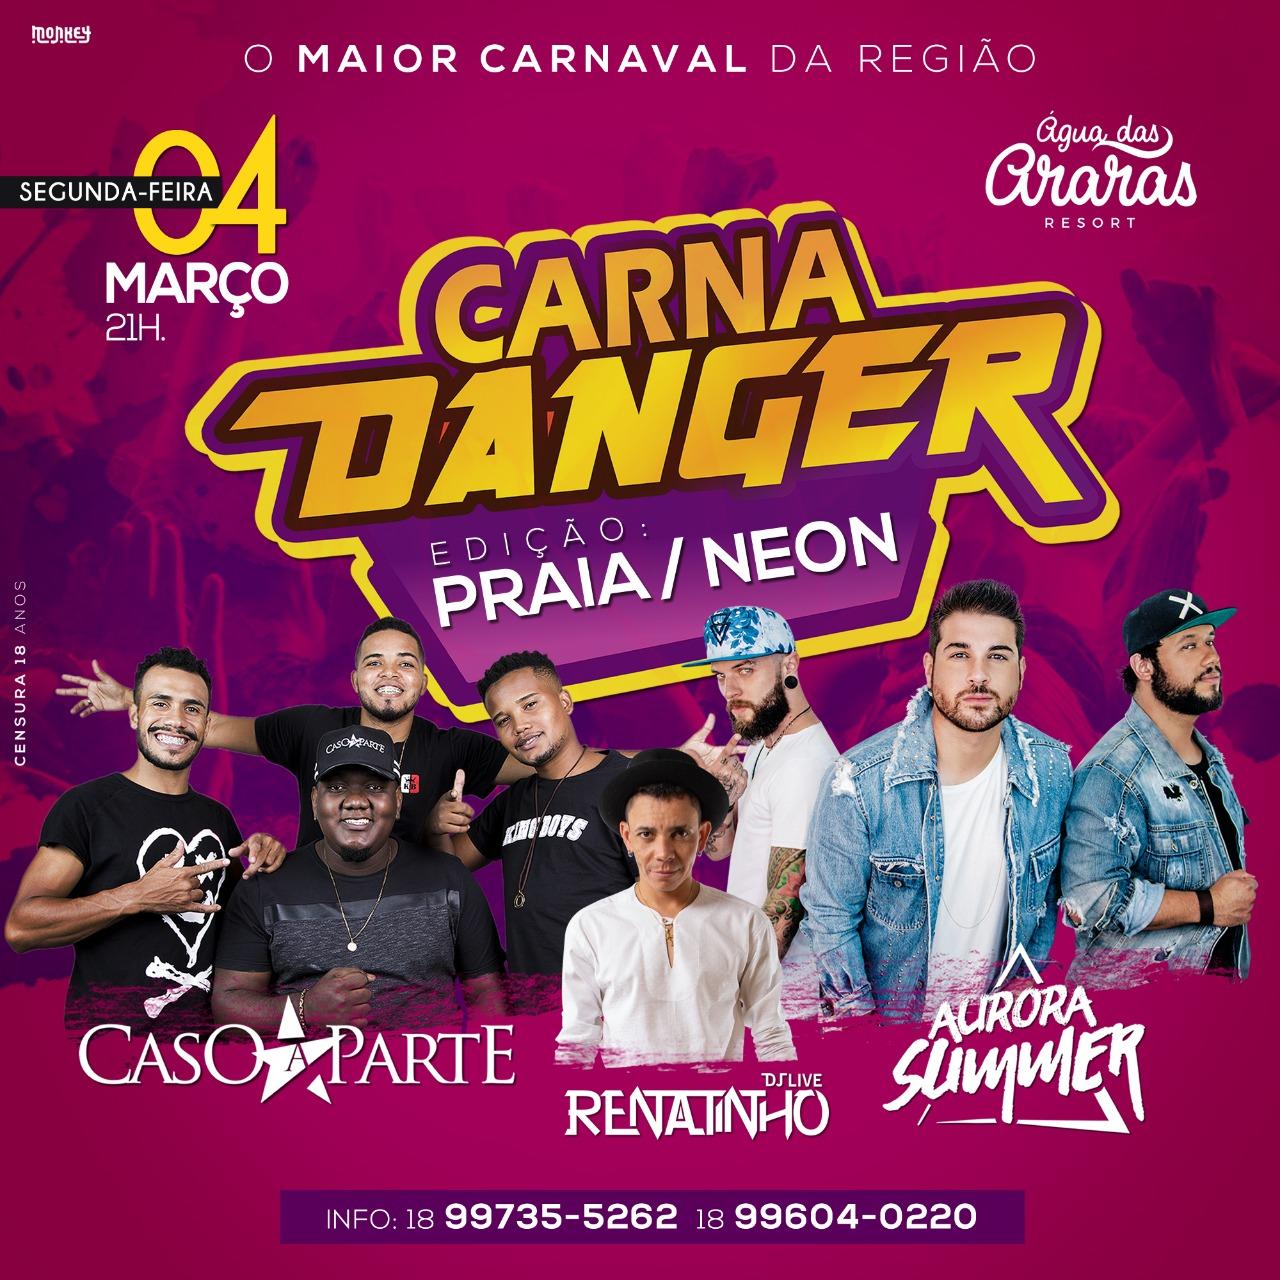 CARNA DANGER (PRAIA/NEON)